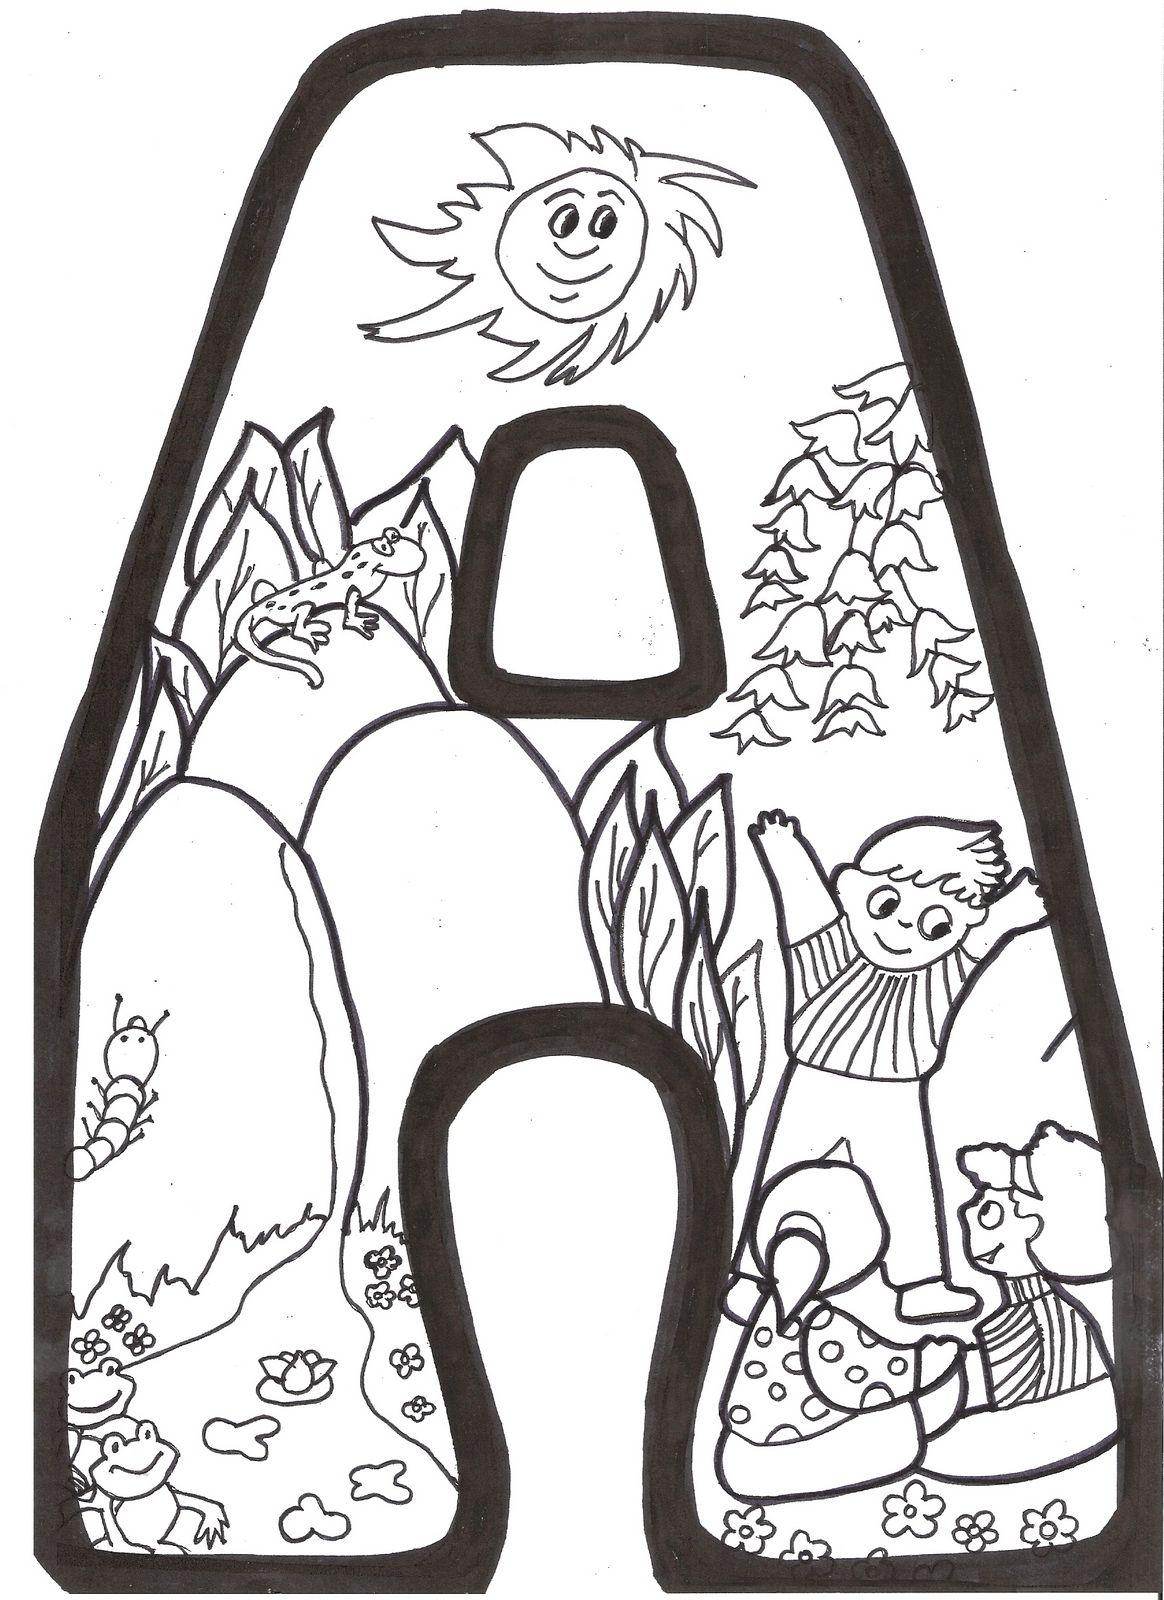 Letras primavera para colorear - Dibujos para colorear - IMAGIXS